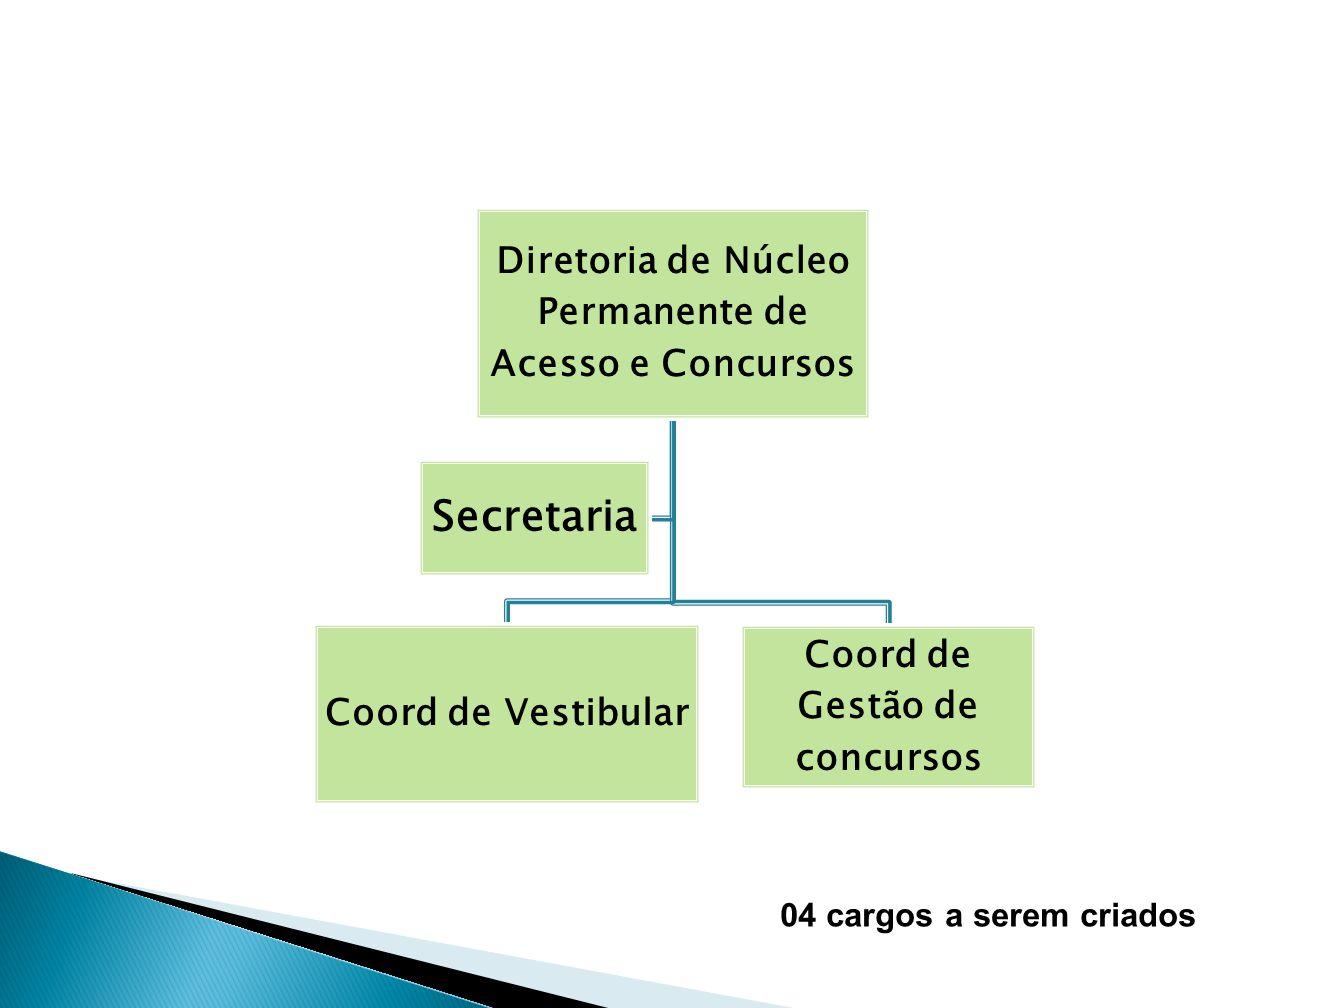 Diretoria de Núcleo Permanente de Acesso e Concursos Coord de Vestibular Coord de Gestão de concursos Secretaria 04 cargos a serem criados